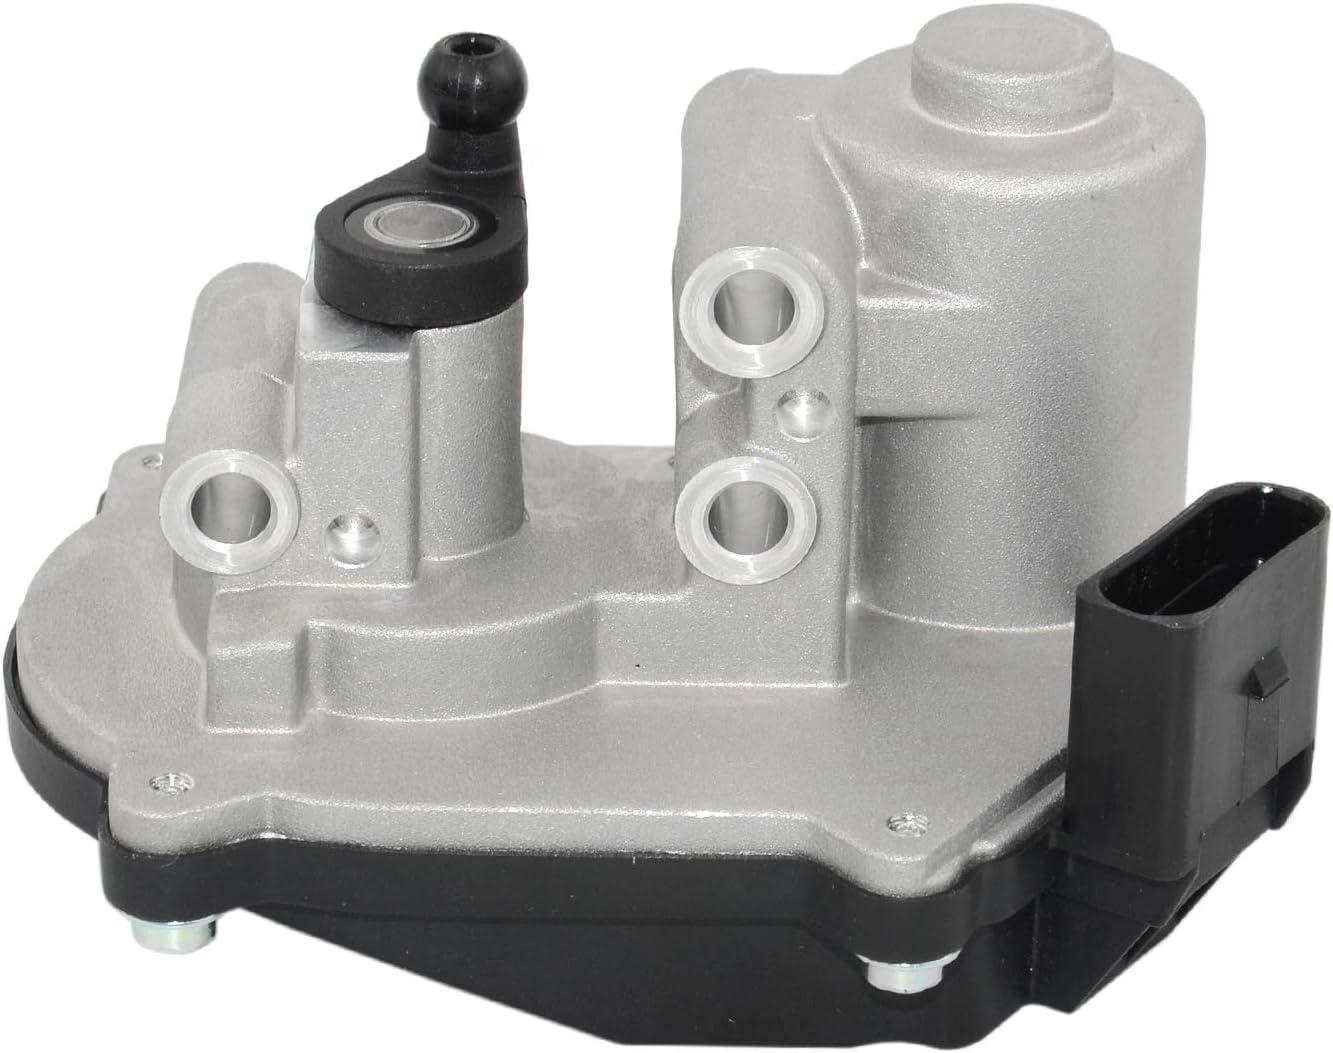 Intake Manifold Flap Actuator Motor for Audi SEAT Skoda VDO 03L 129 086 Intake Manifold Actuator